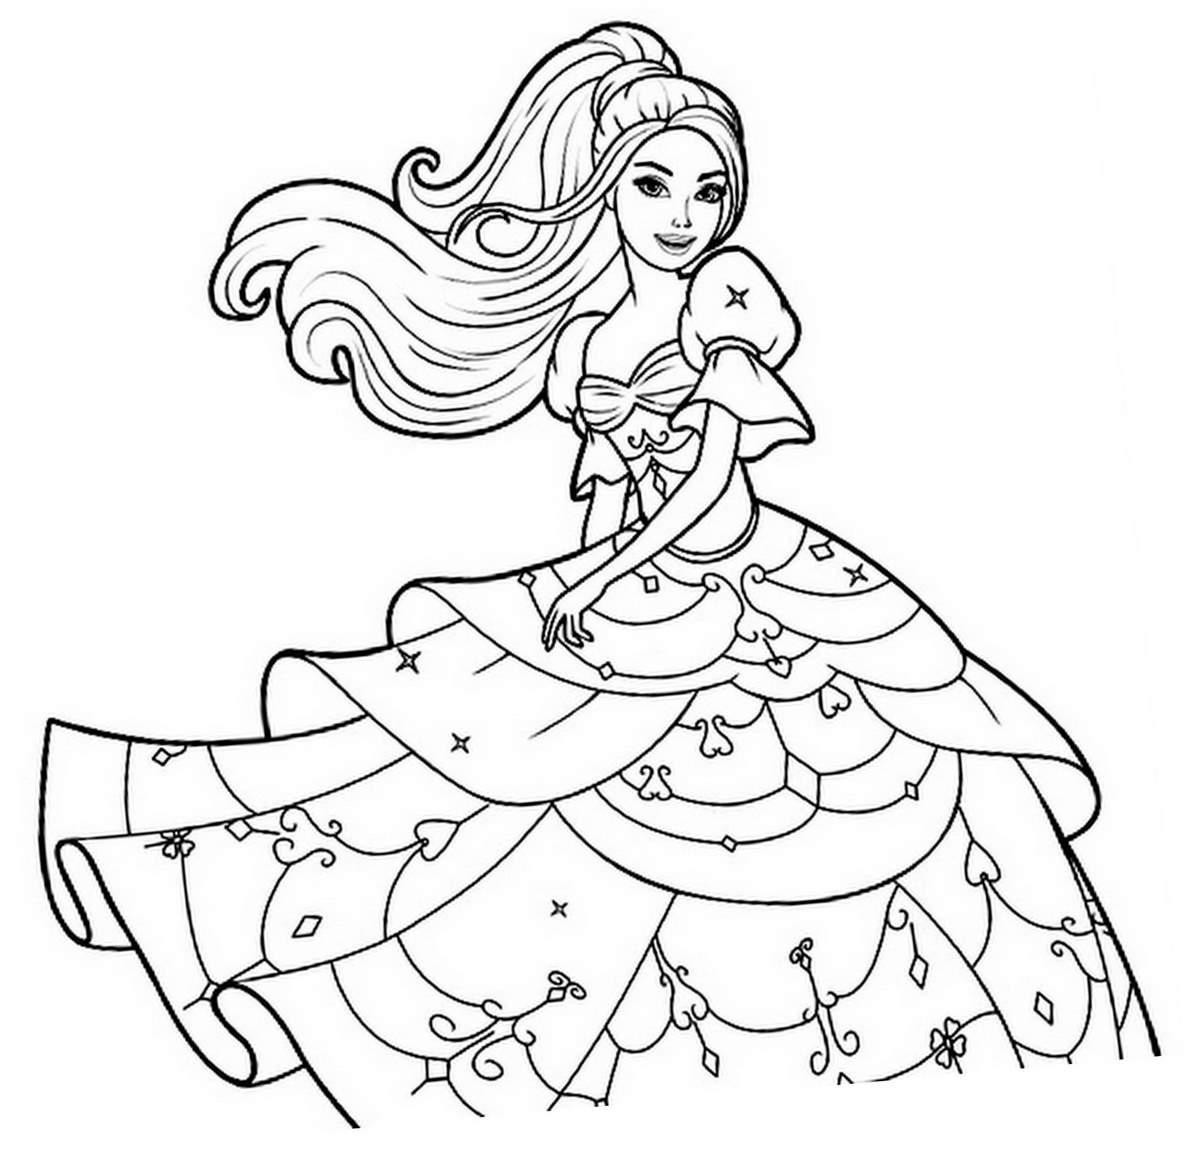 Coloriage Princesse Barbie Avec Une Robe A Imprimer Sur Coloriages